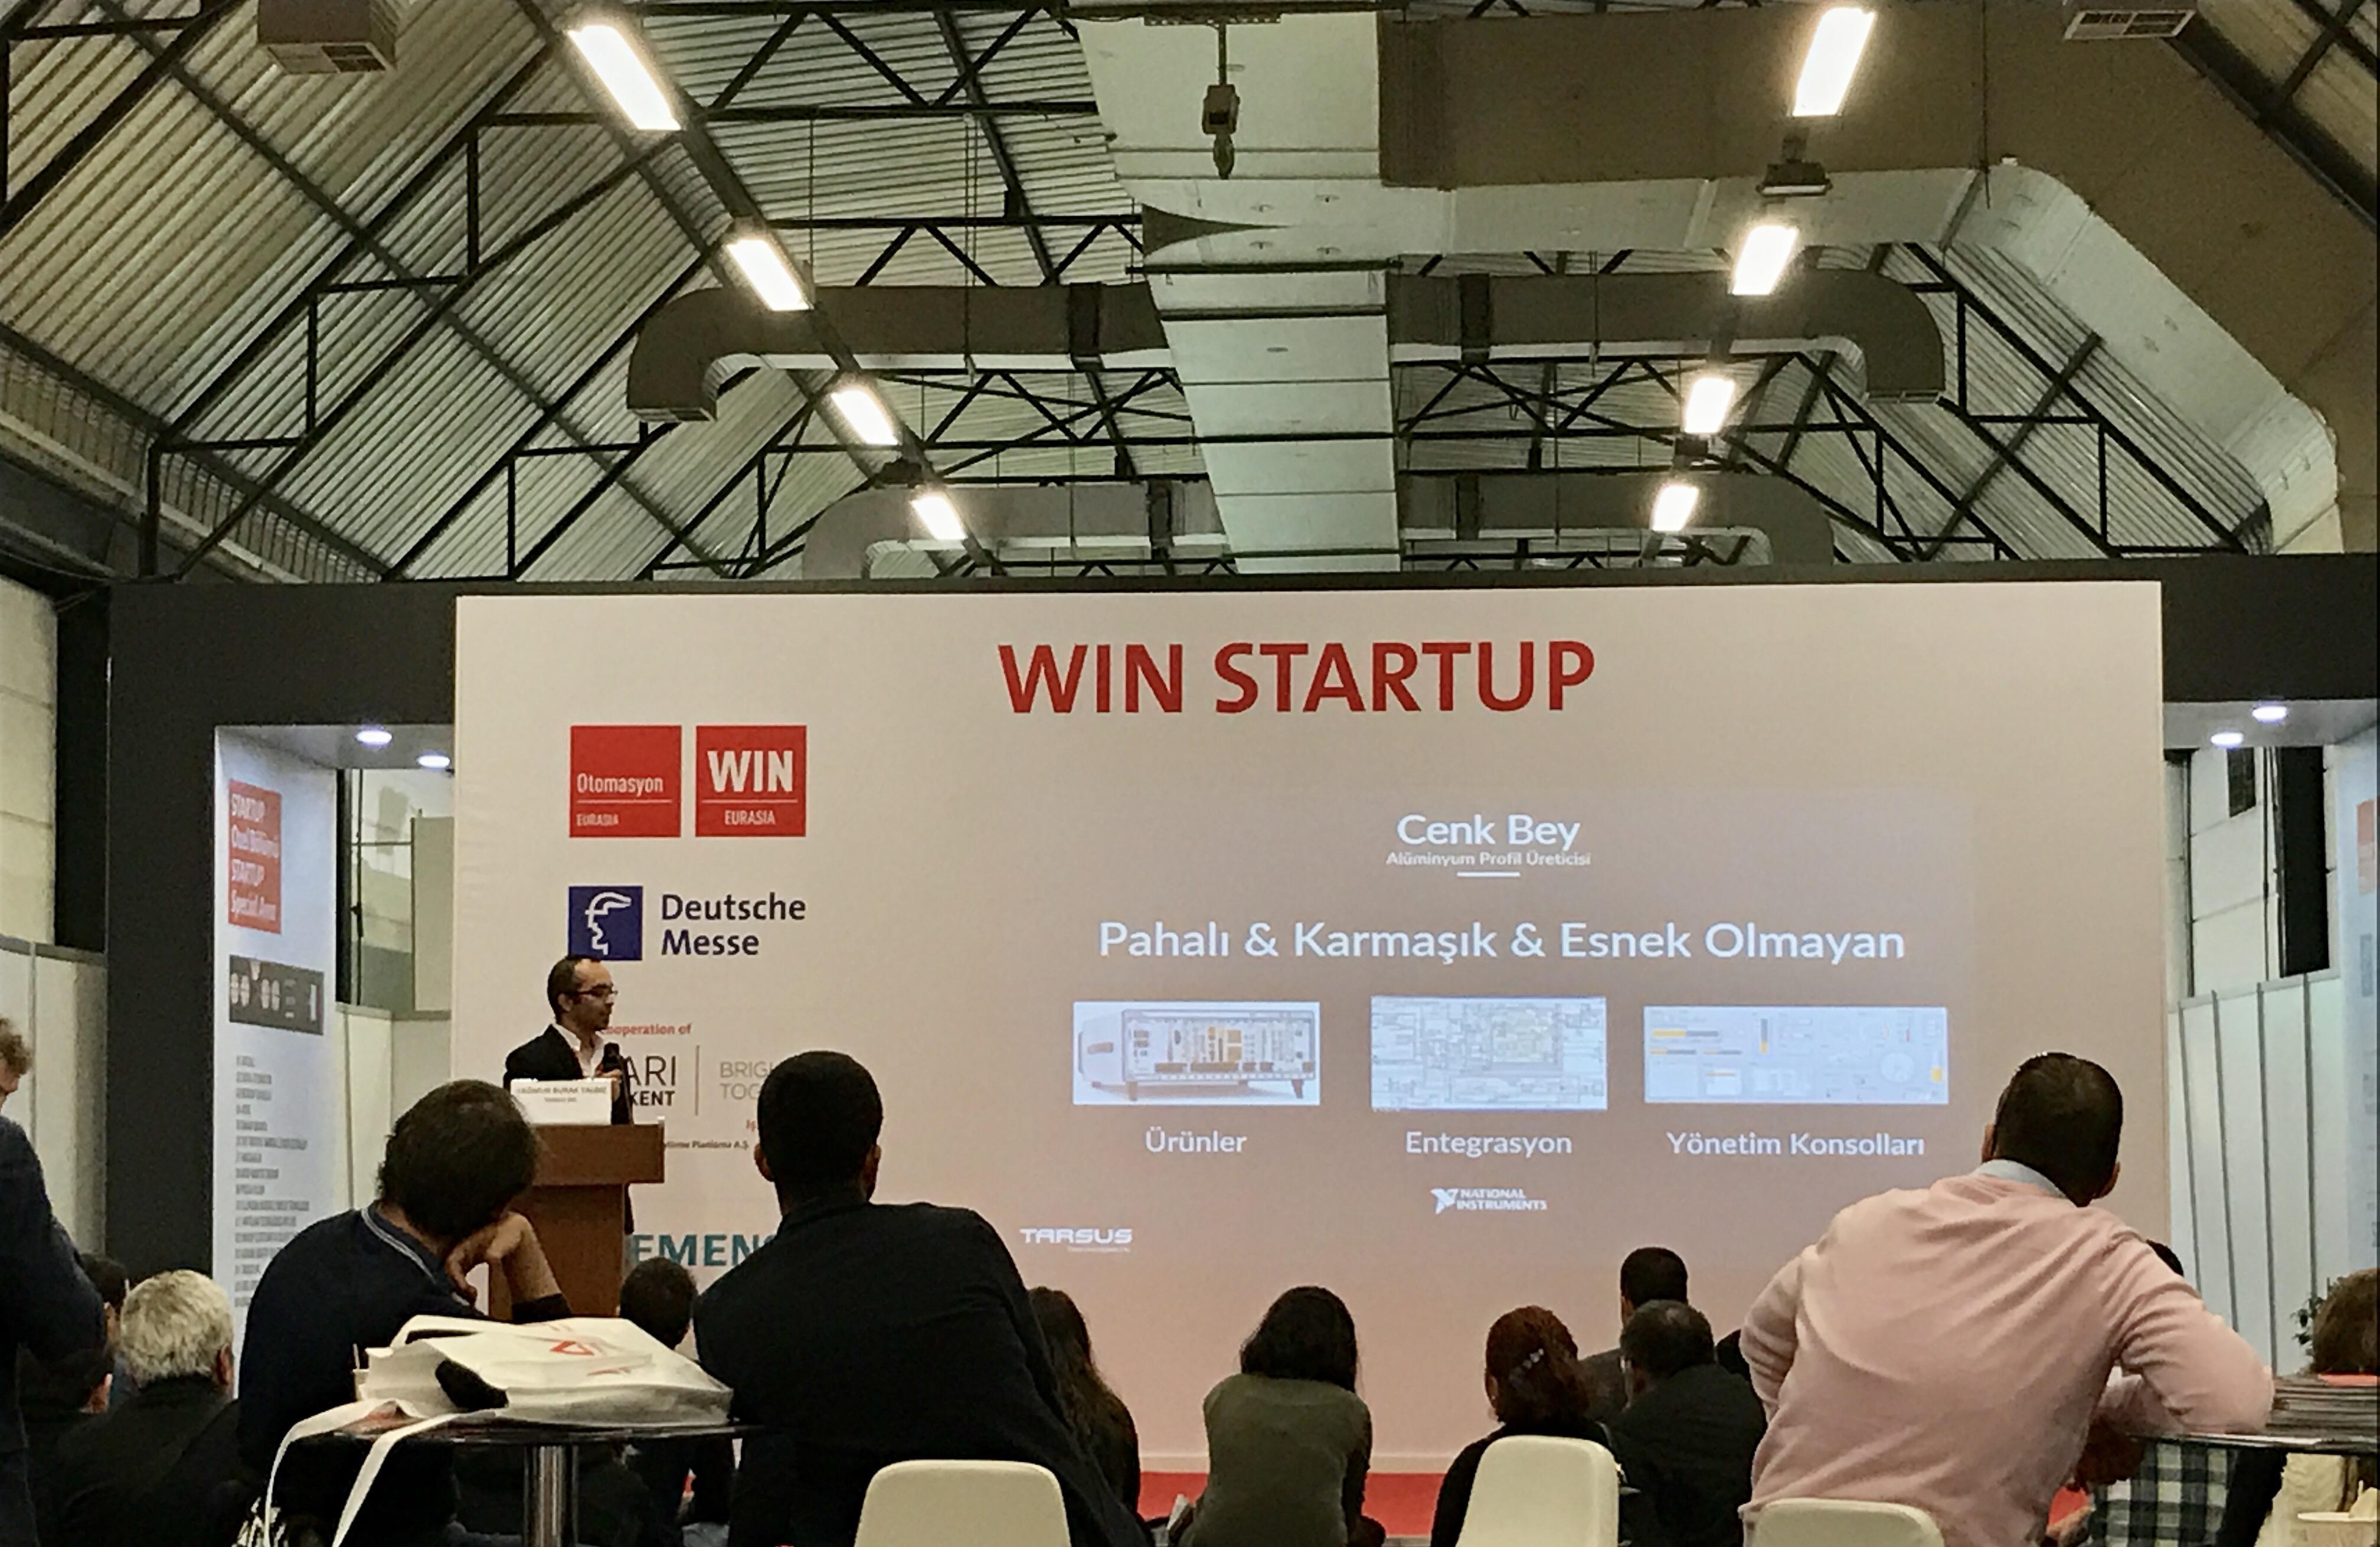 WIN Eurasia Startup Special Area Etkinlik Afişi